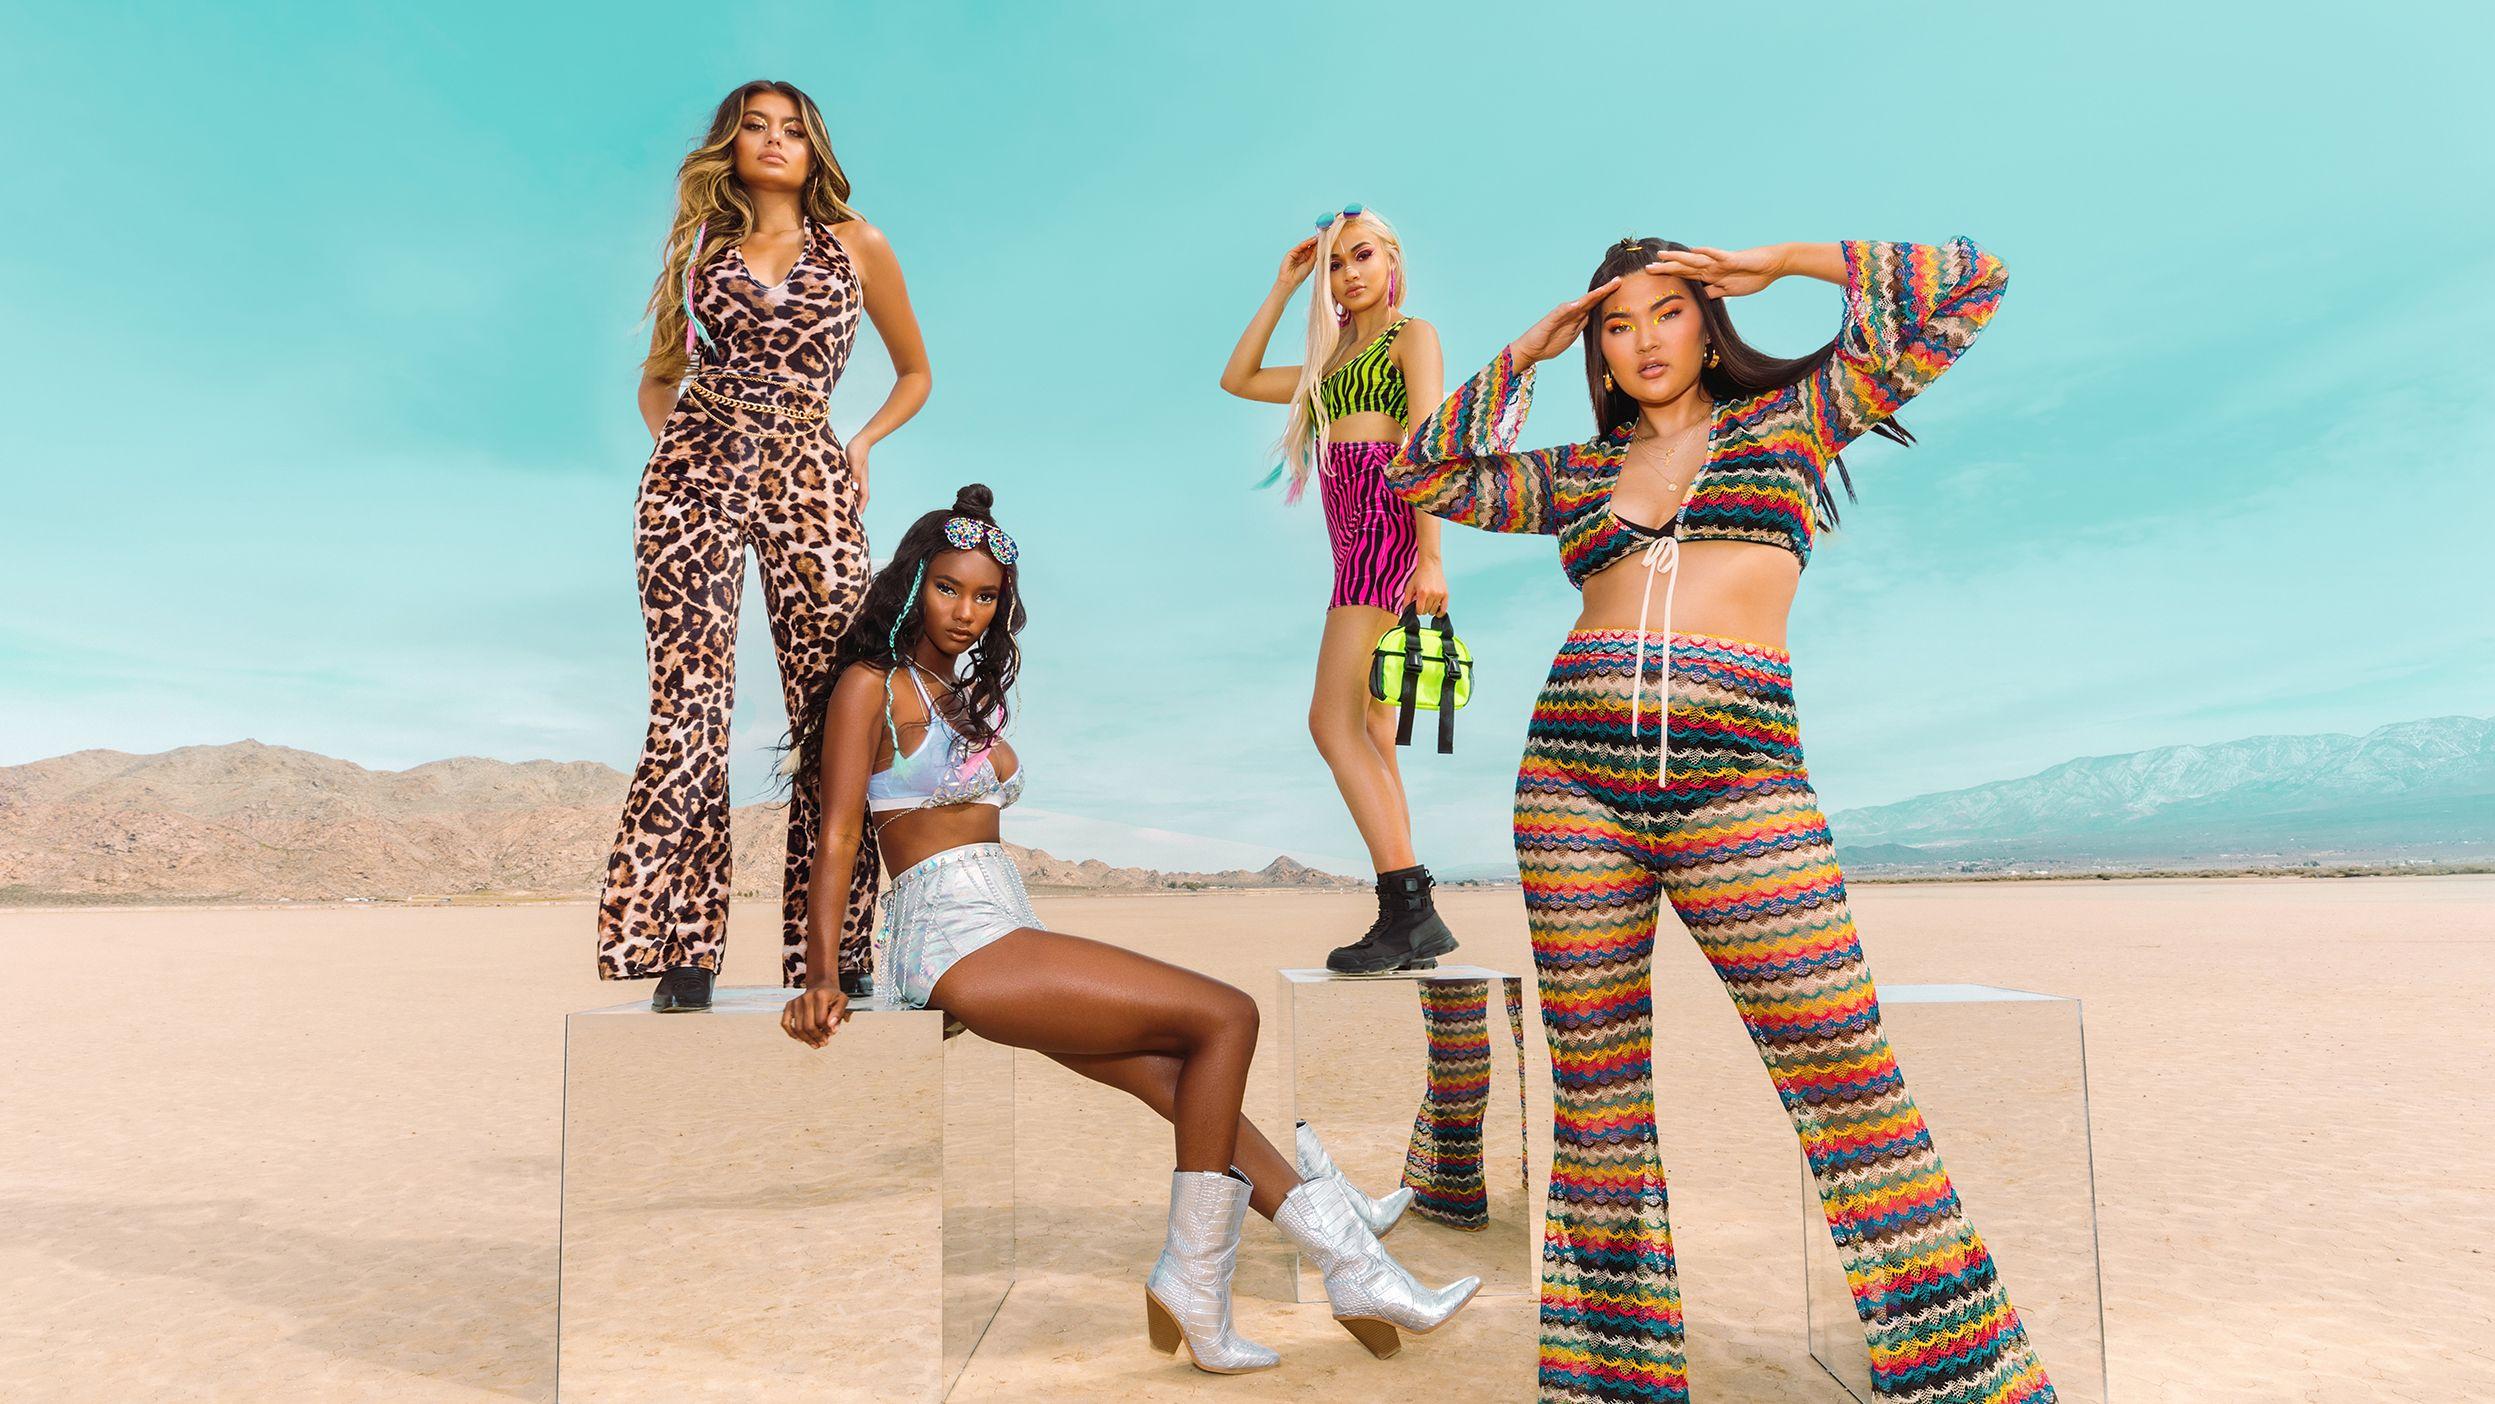 Britischer-E-Fashion-Konzern-legt-neue-Gesch-ftszahlen-vor-Boohoo-steigert-Umsatz-um-40-